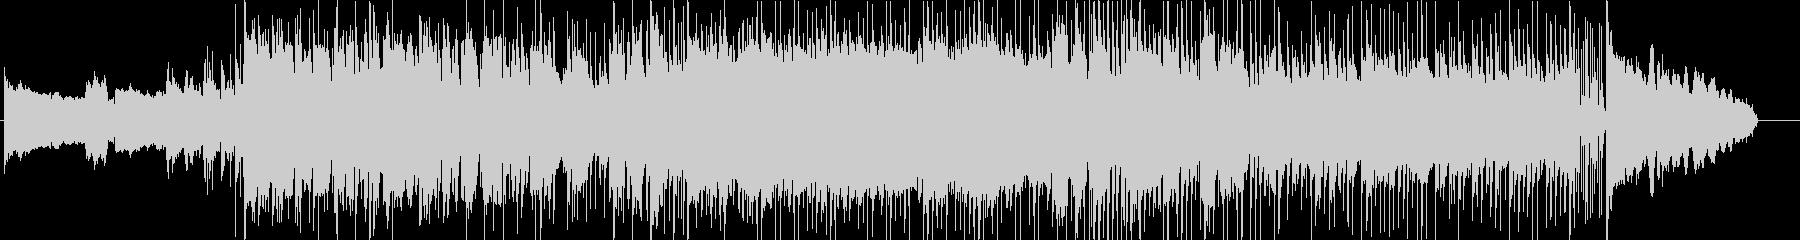 ヨーデリングボーカルのクラシックロ...の未再生の波形